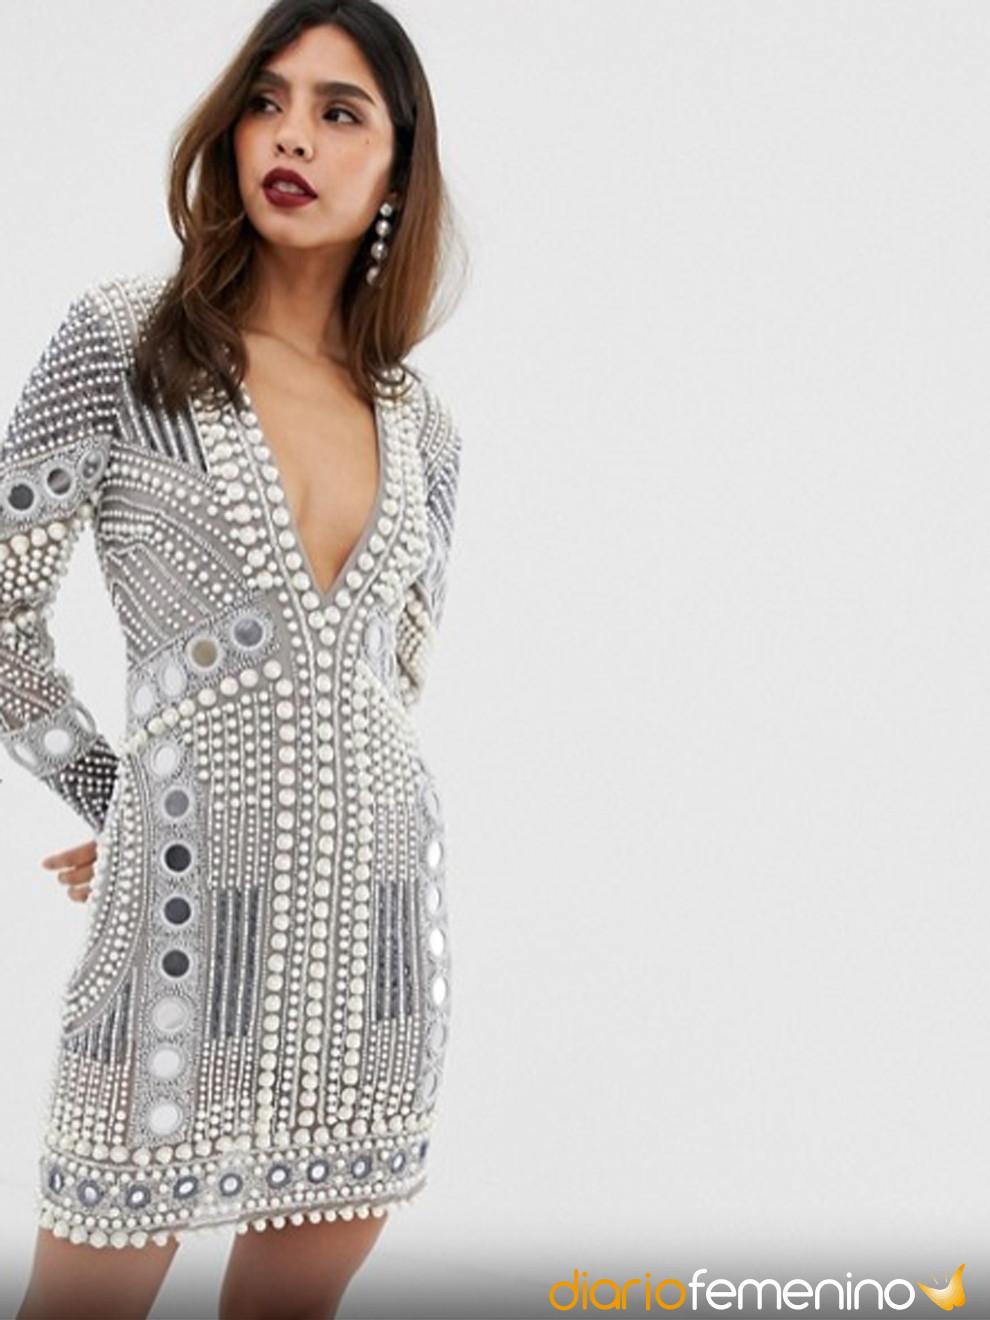 Espectacular vestido de perlas para Nochevieja: encuéntralo en ASOS